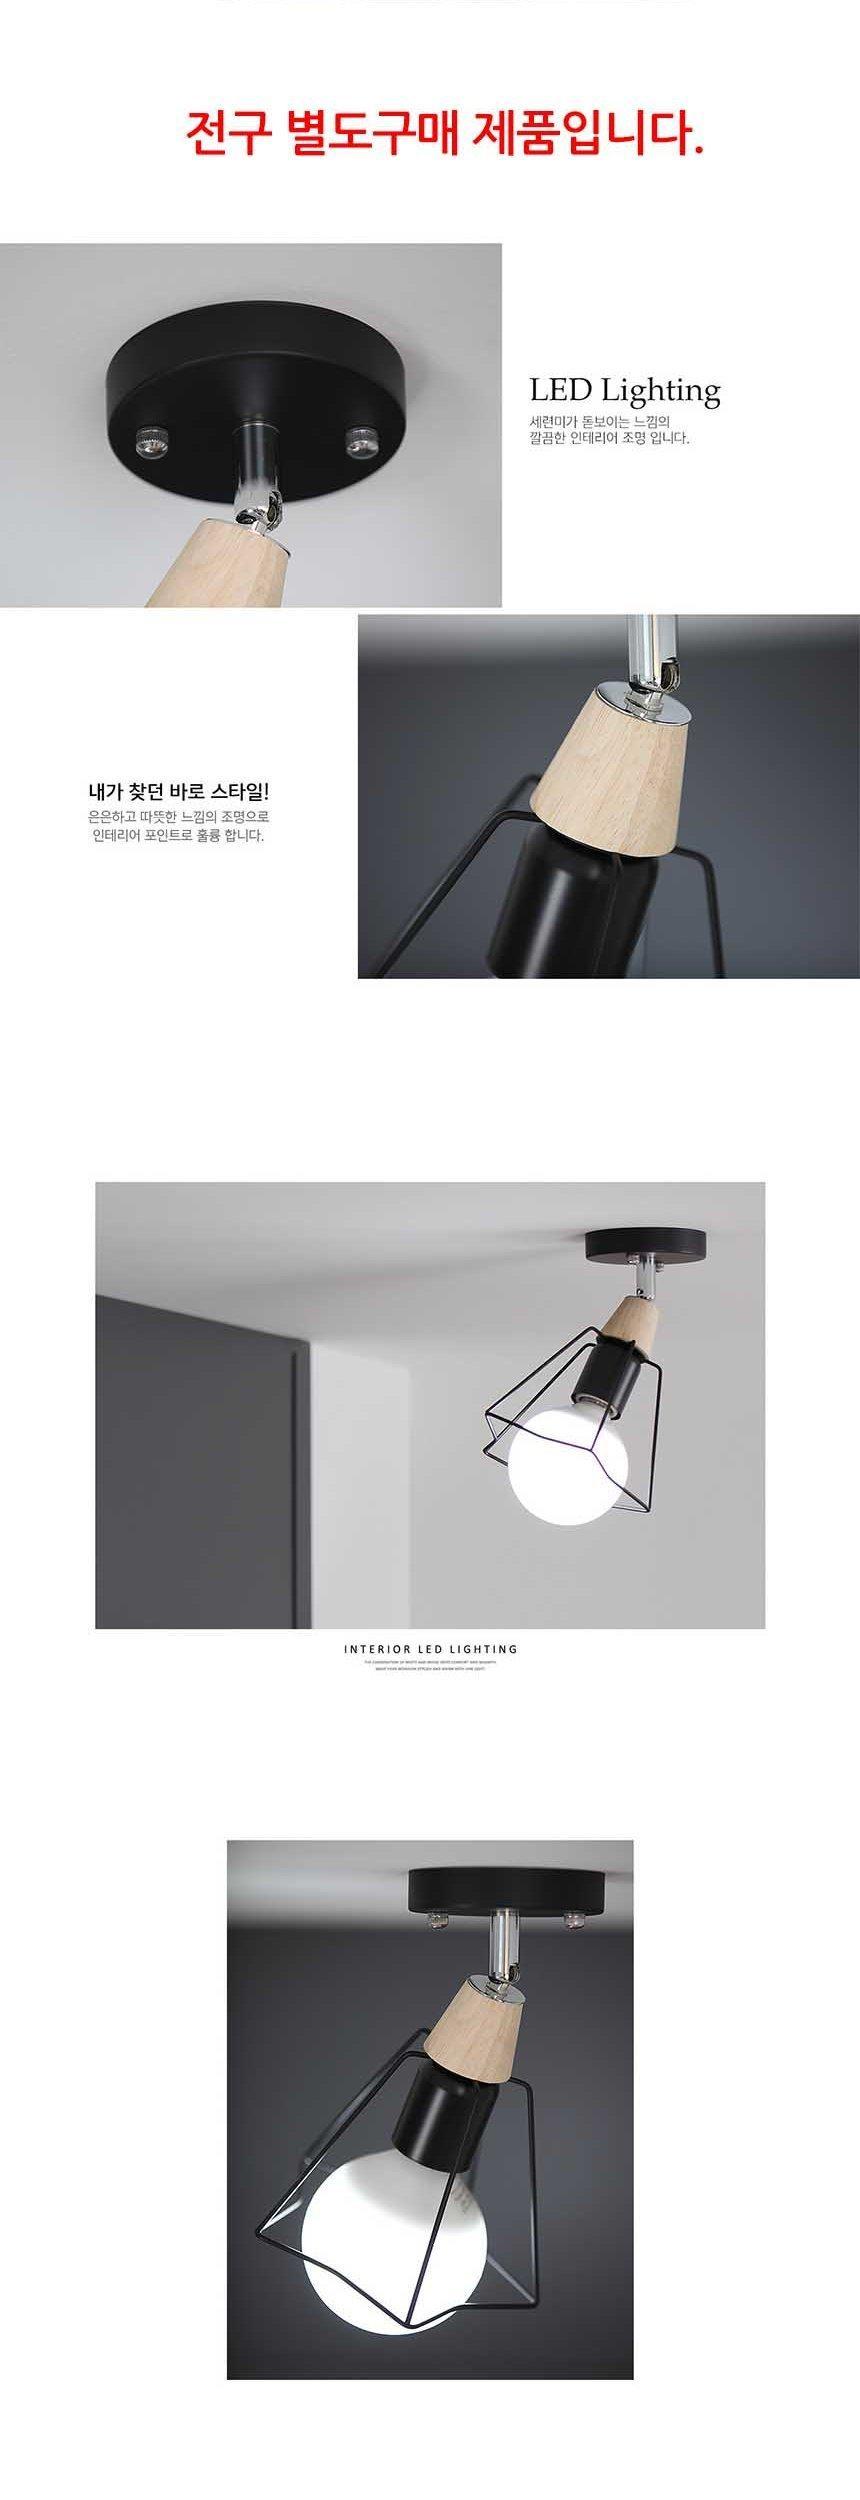 LED 미니별 직부등 12W 직부조명 조명 장식조명 인테 직부조명 조명 장식조명 인테리어조명 카페조명